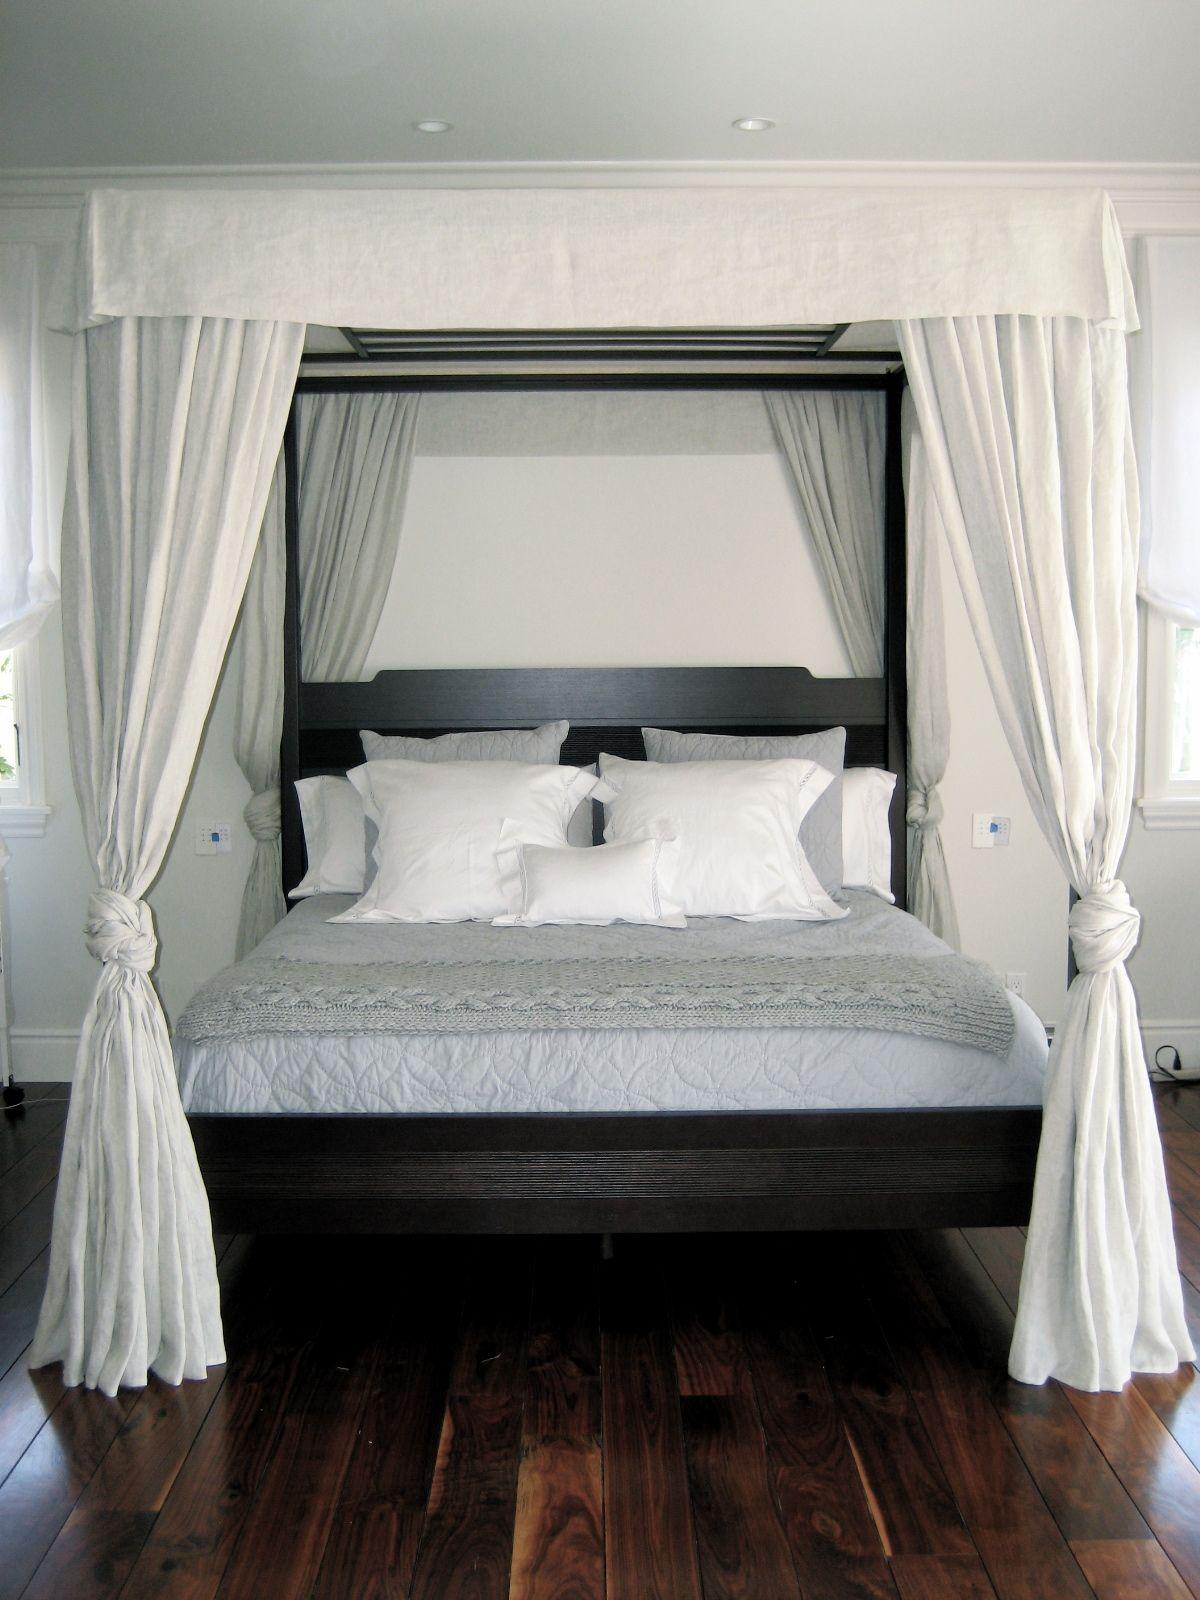 ein romantisches schlafzimmer gestalten das zum trumen einladet gnnen sie sich ein stck romantik - Romantisches Hauptschlafzimmer Mit Himmelbett